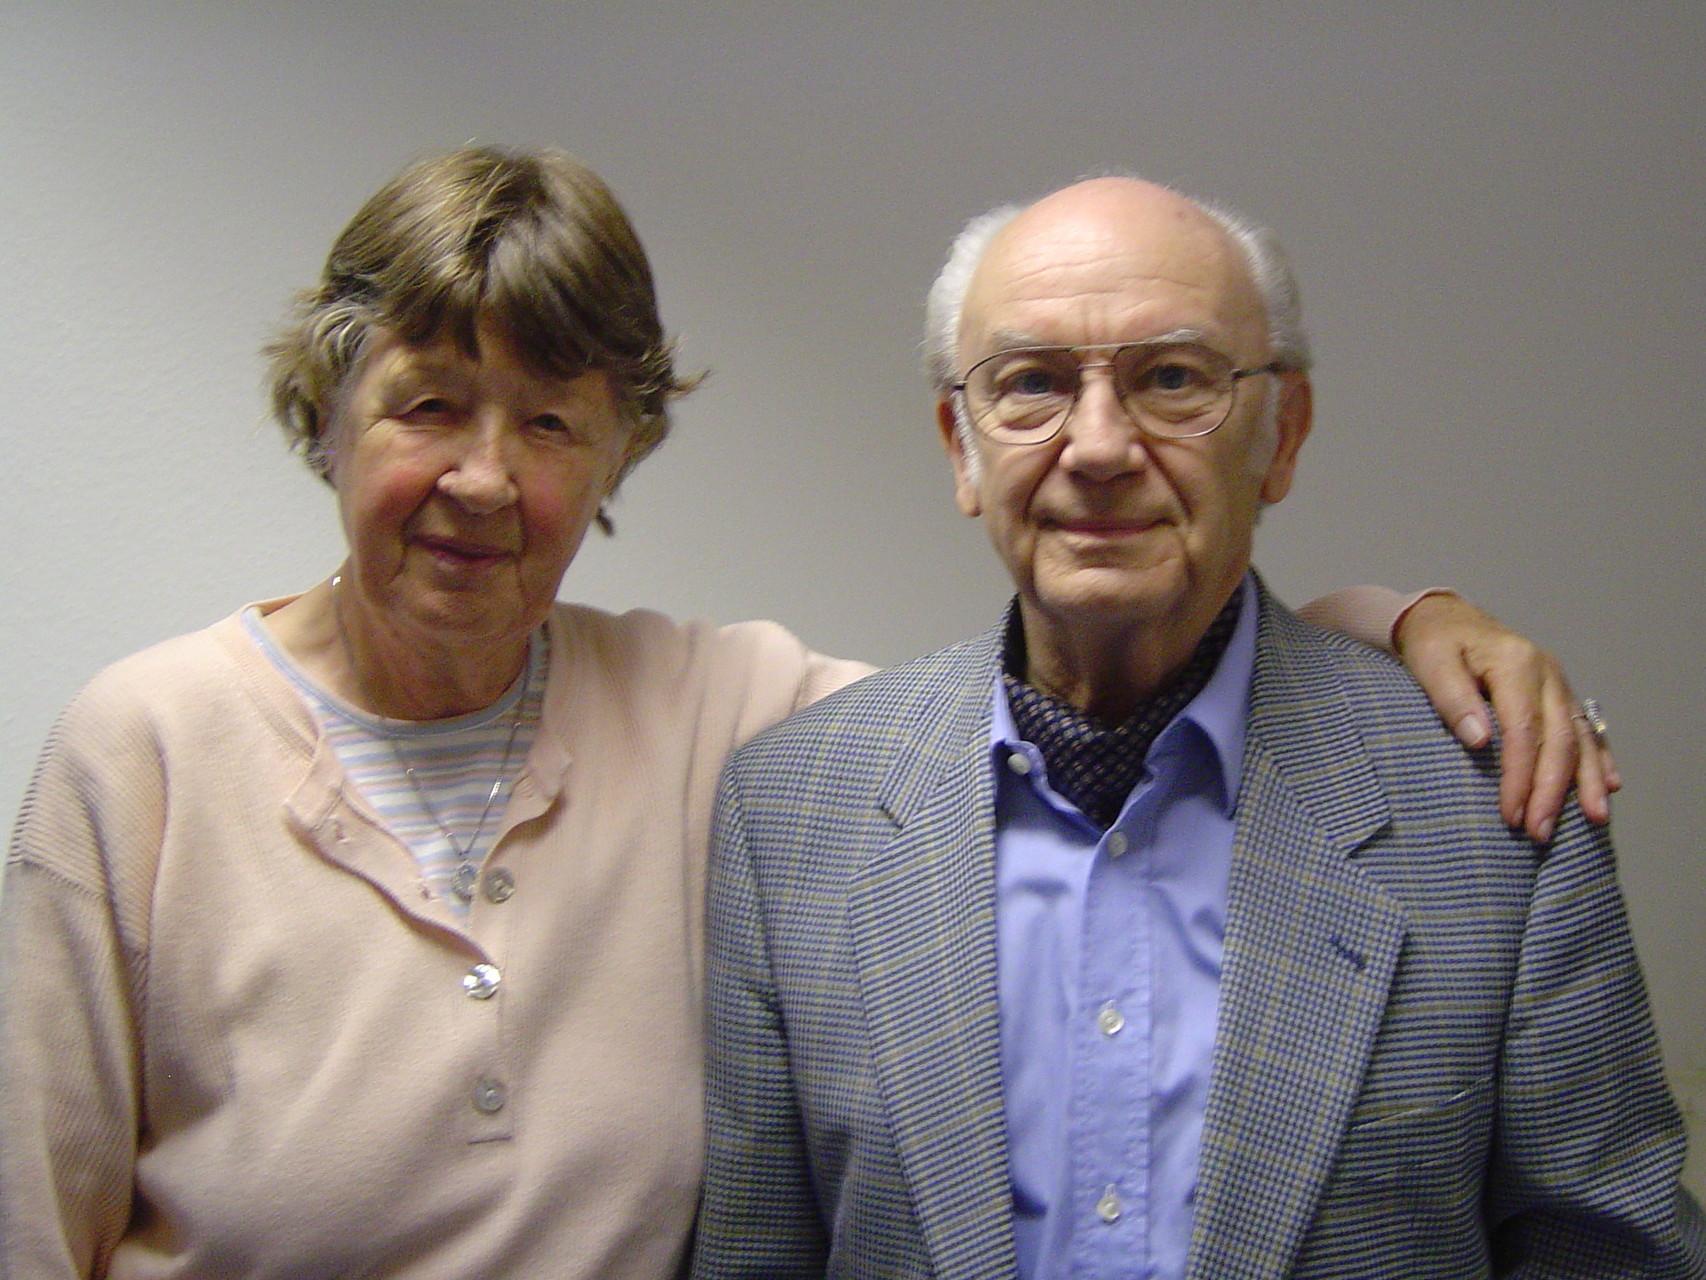 Mit Frau Prof. Erika Bürgy - Bad Herrenalb 2011 – Link bei Gesammeltes > Interessante Fälle